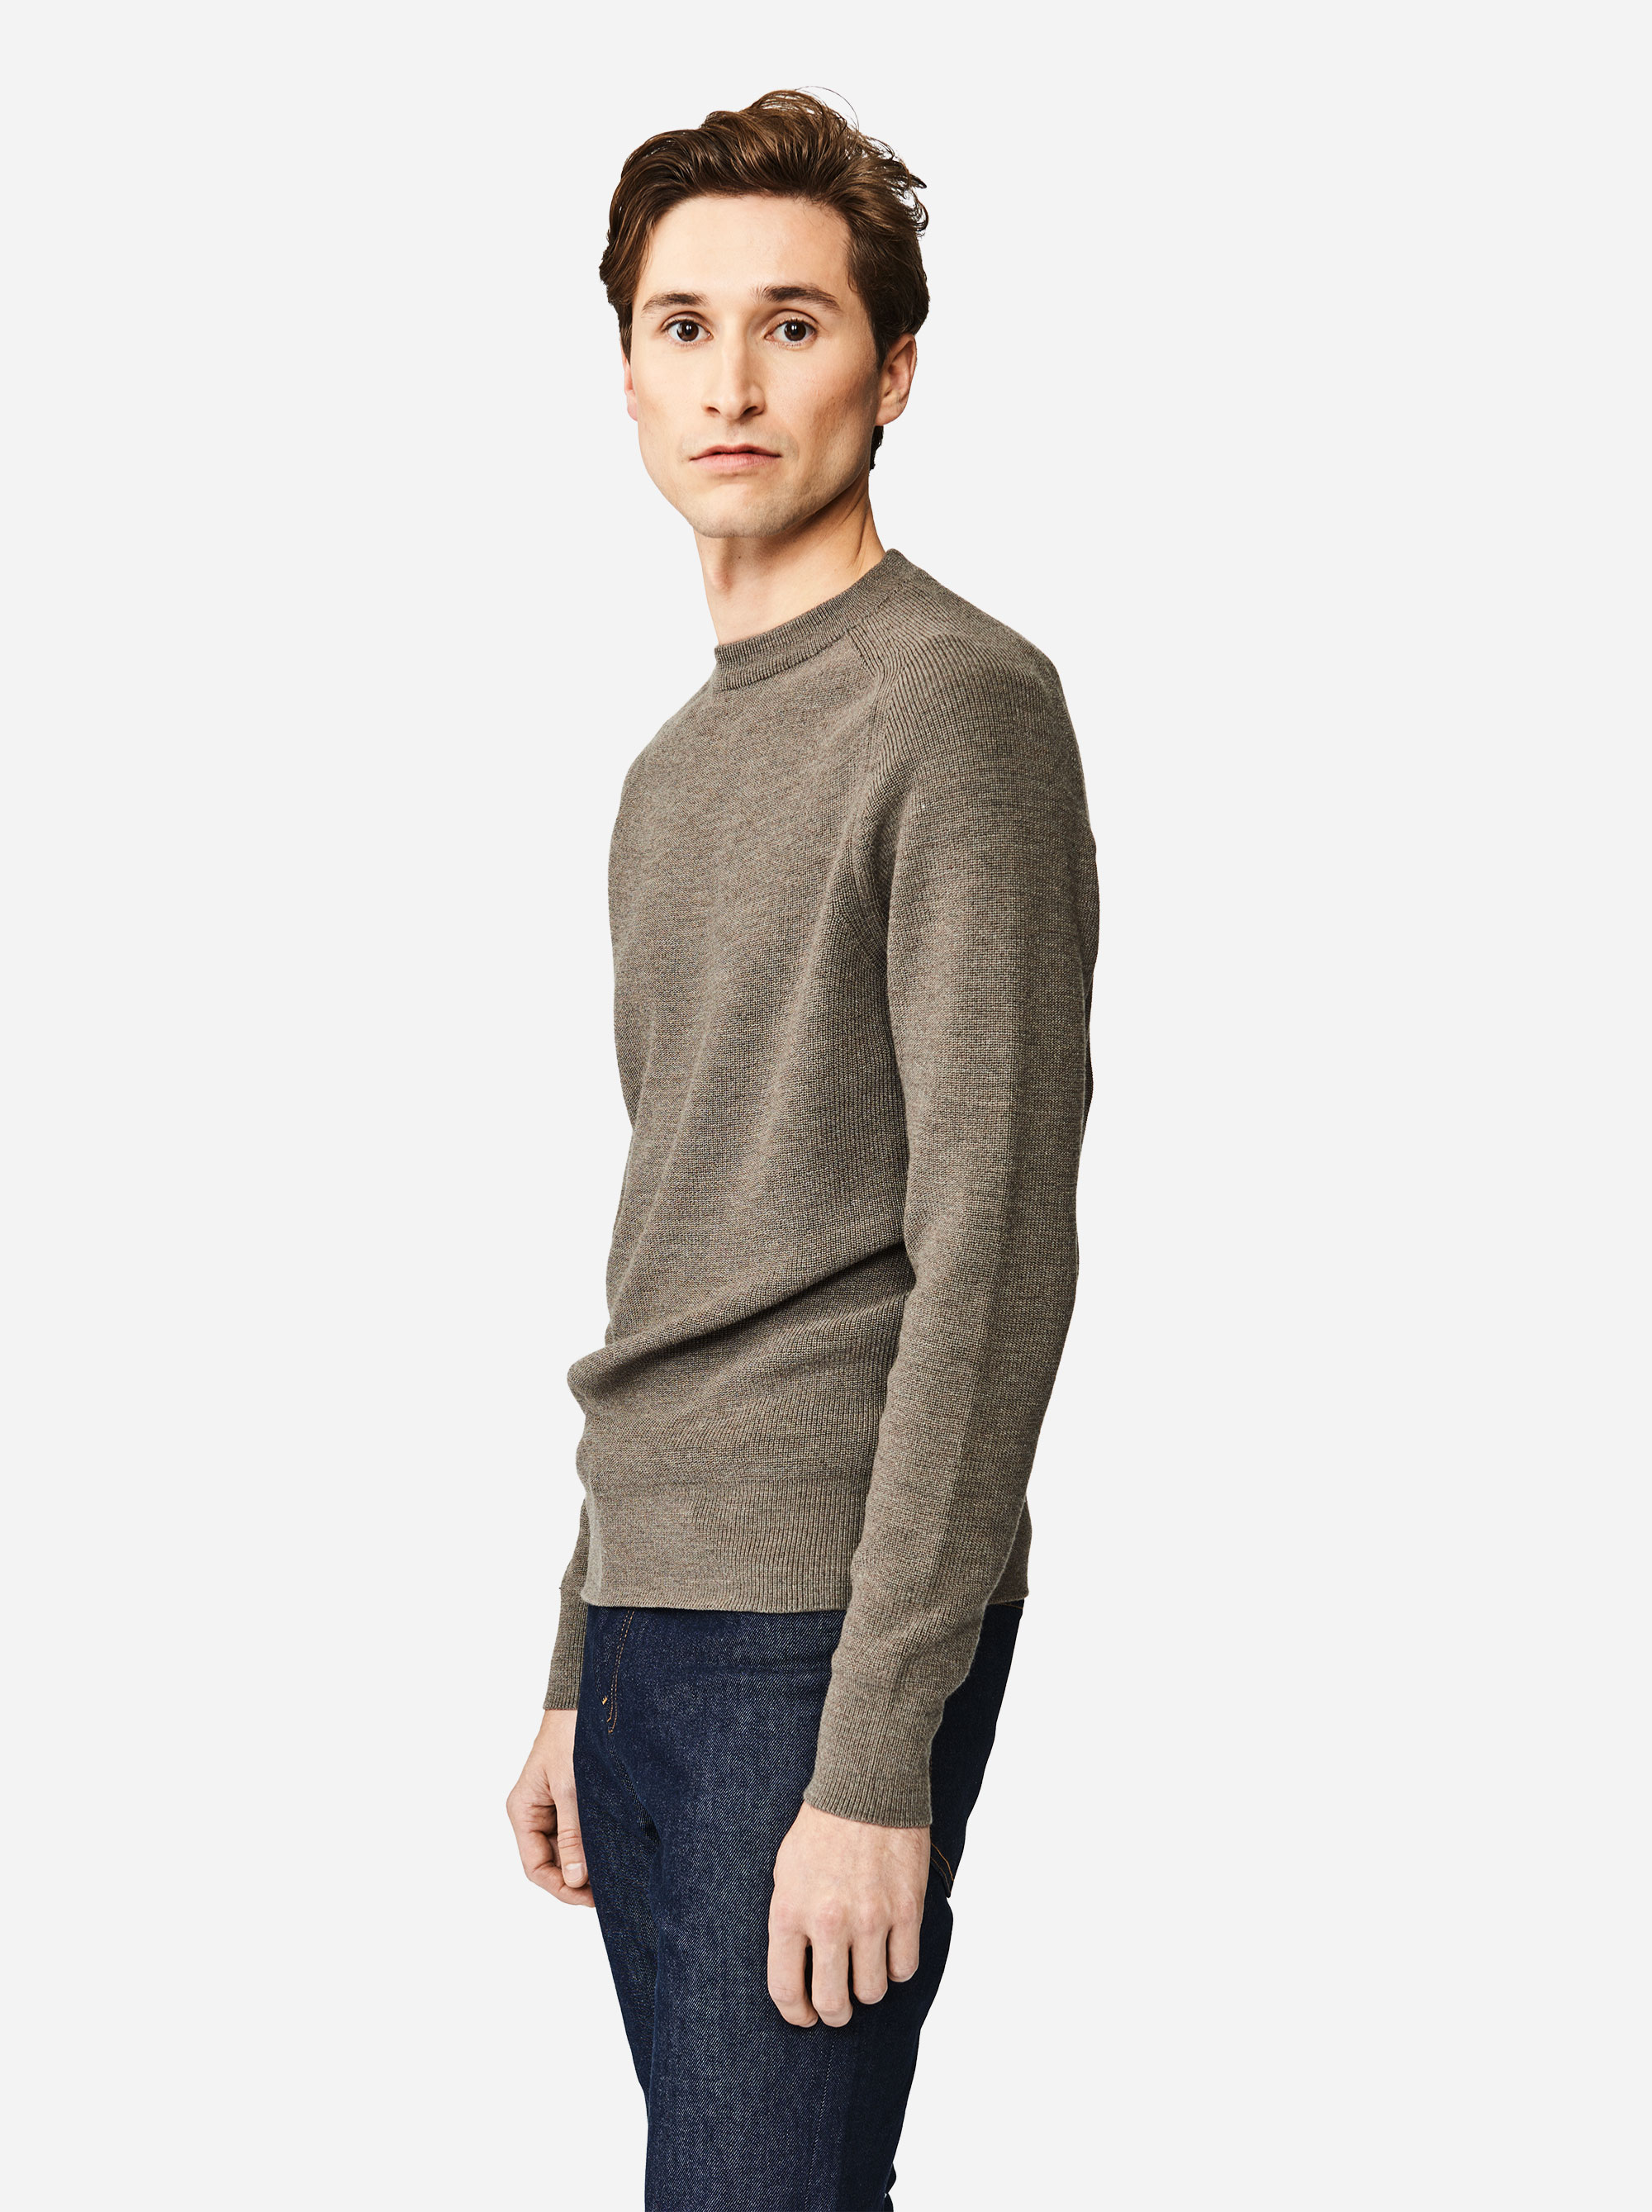 Teym - The Merino Sweater - Men - Grey - 2